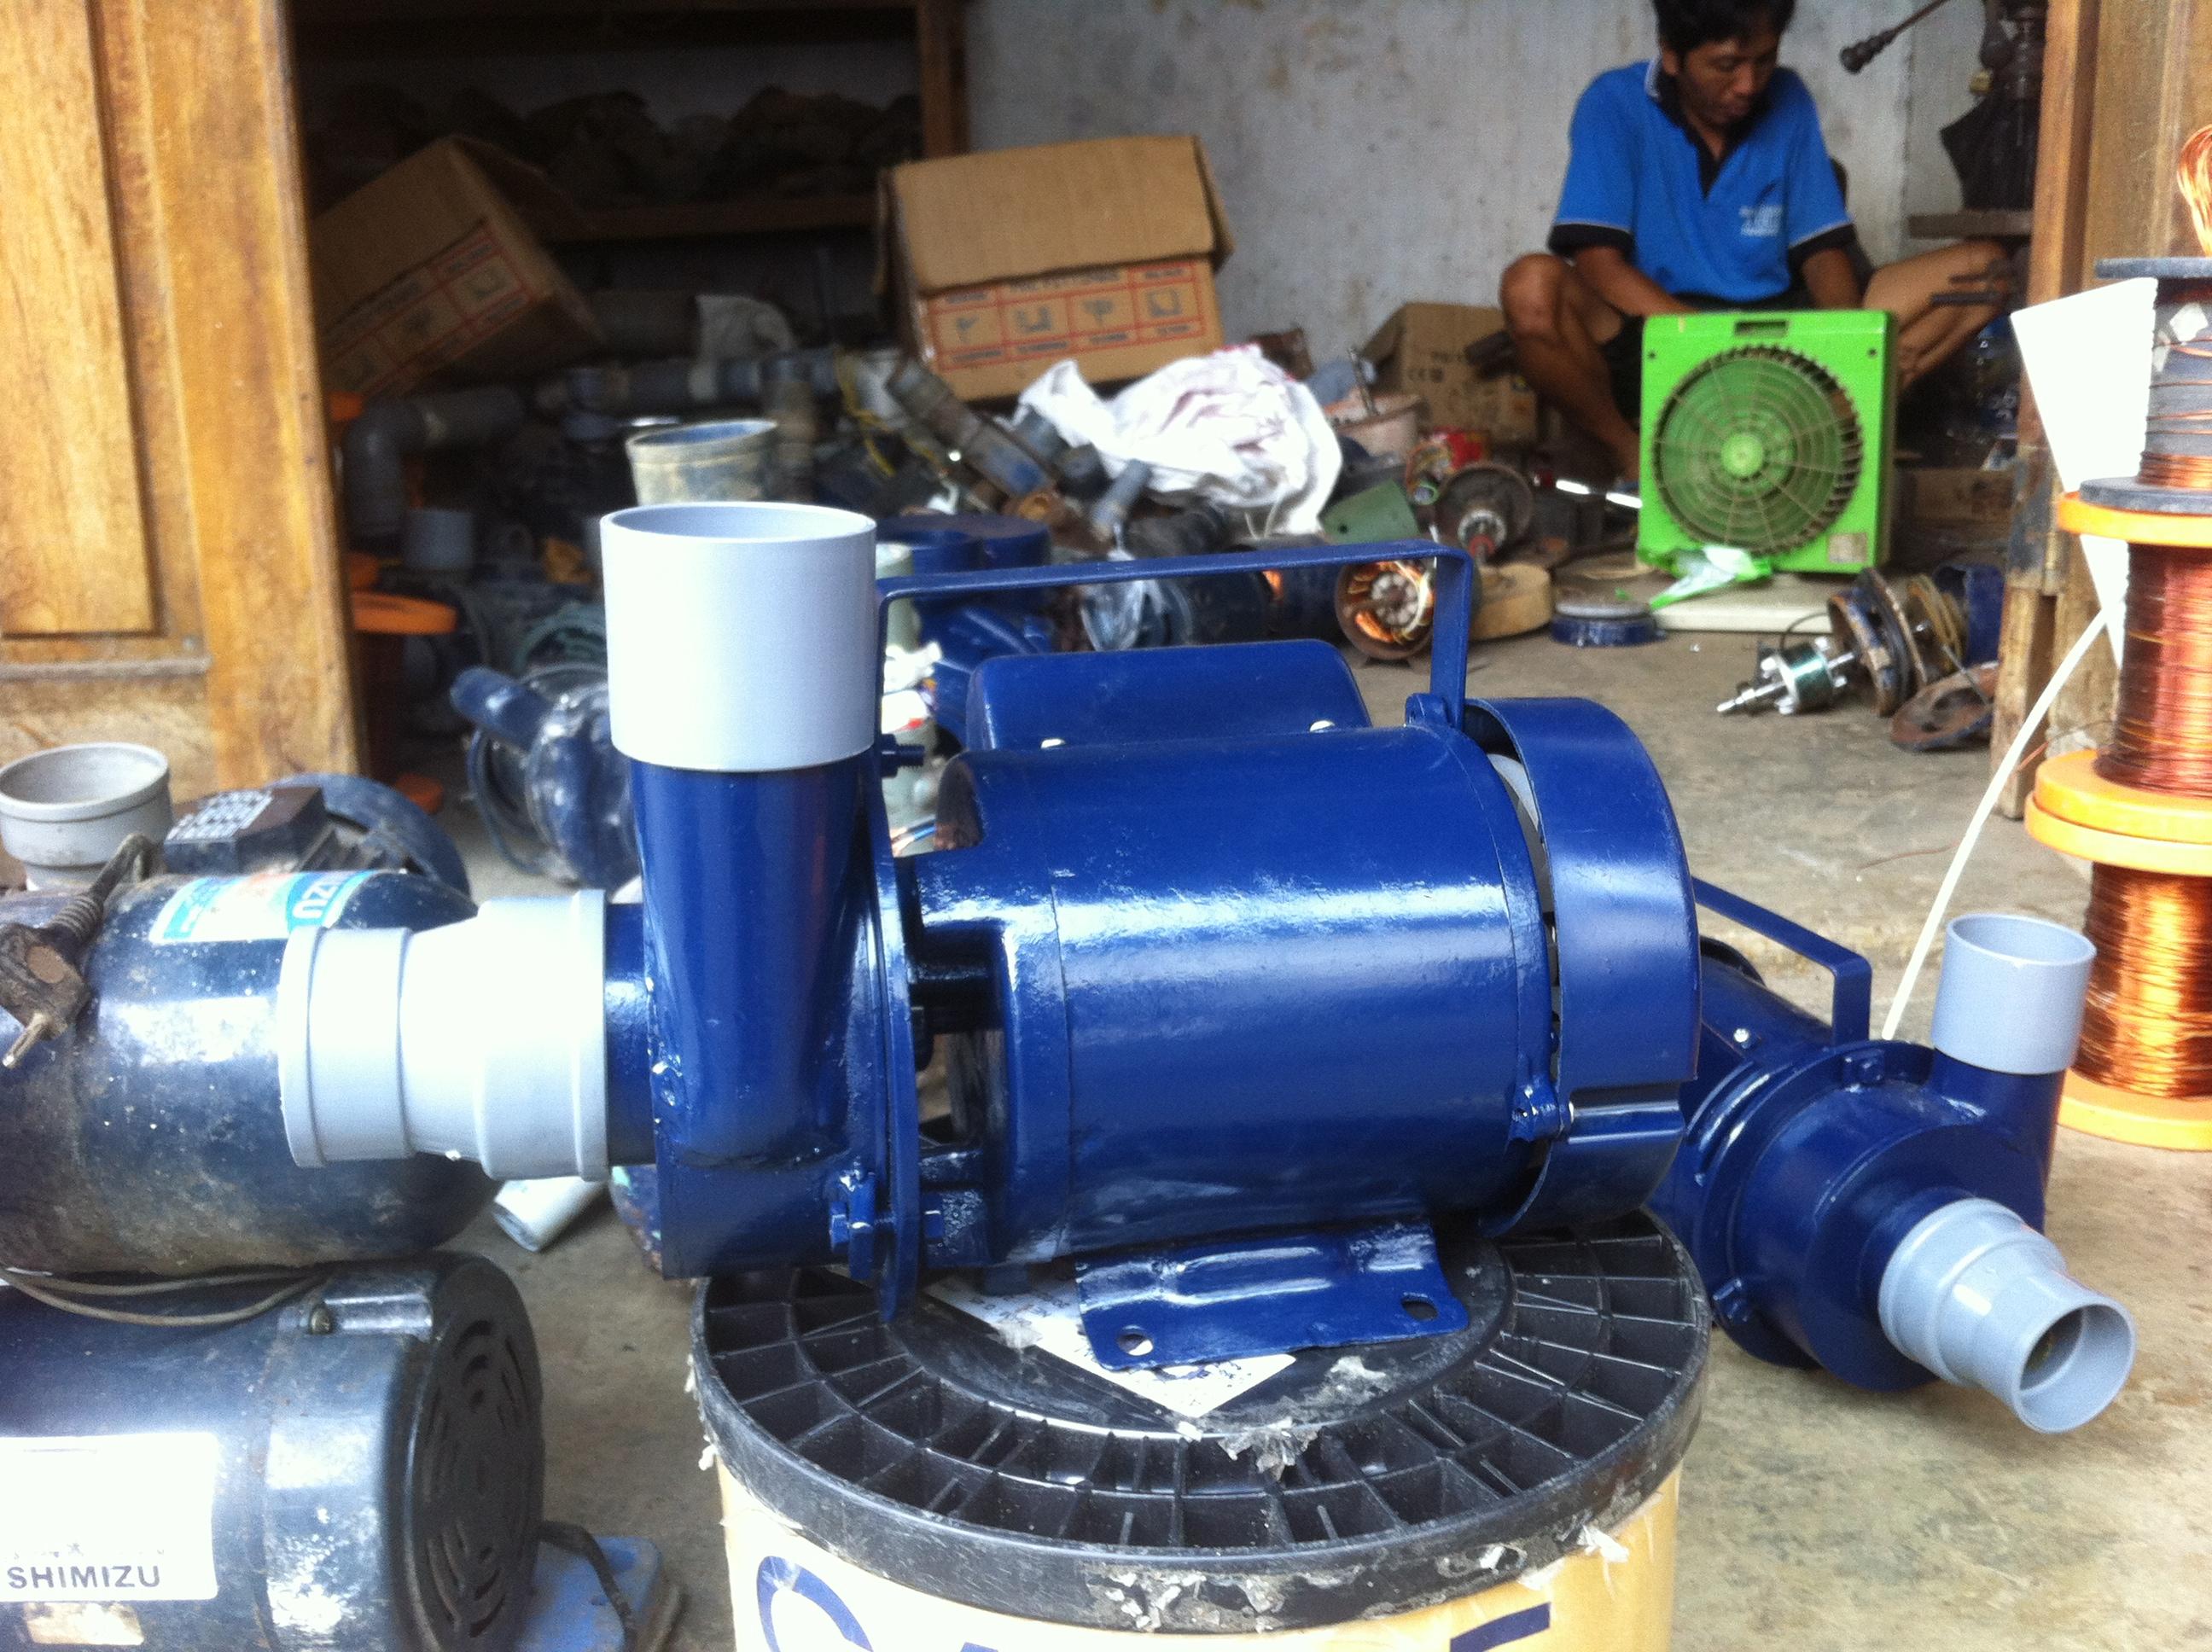 Jual Pompa Air Modifikasi Murah - SuryaGuna.com Distributor Alat Rumah  Tangga | Tas Pos | Tas Kiso Ayam | Mesin Parut Harga Grosir.